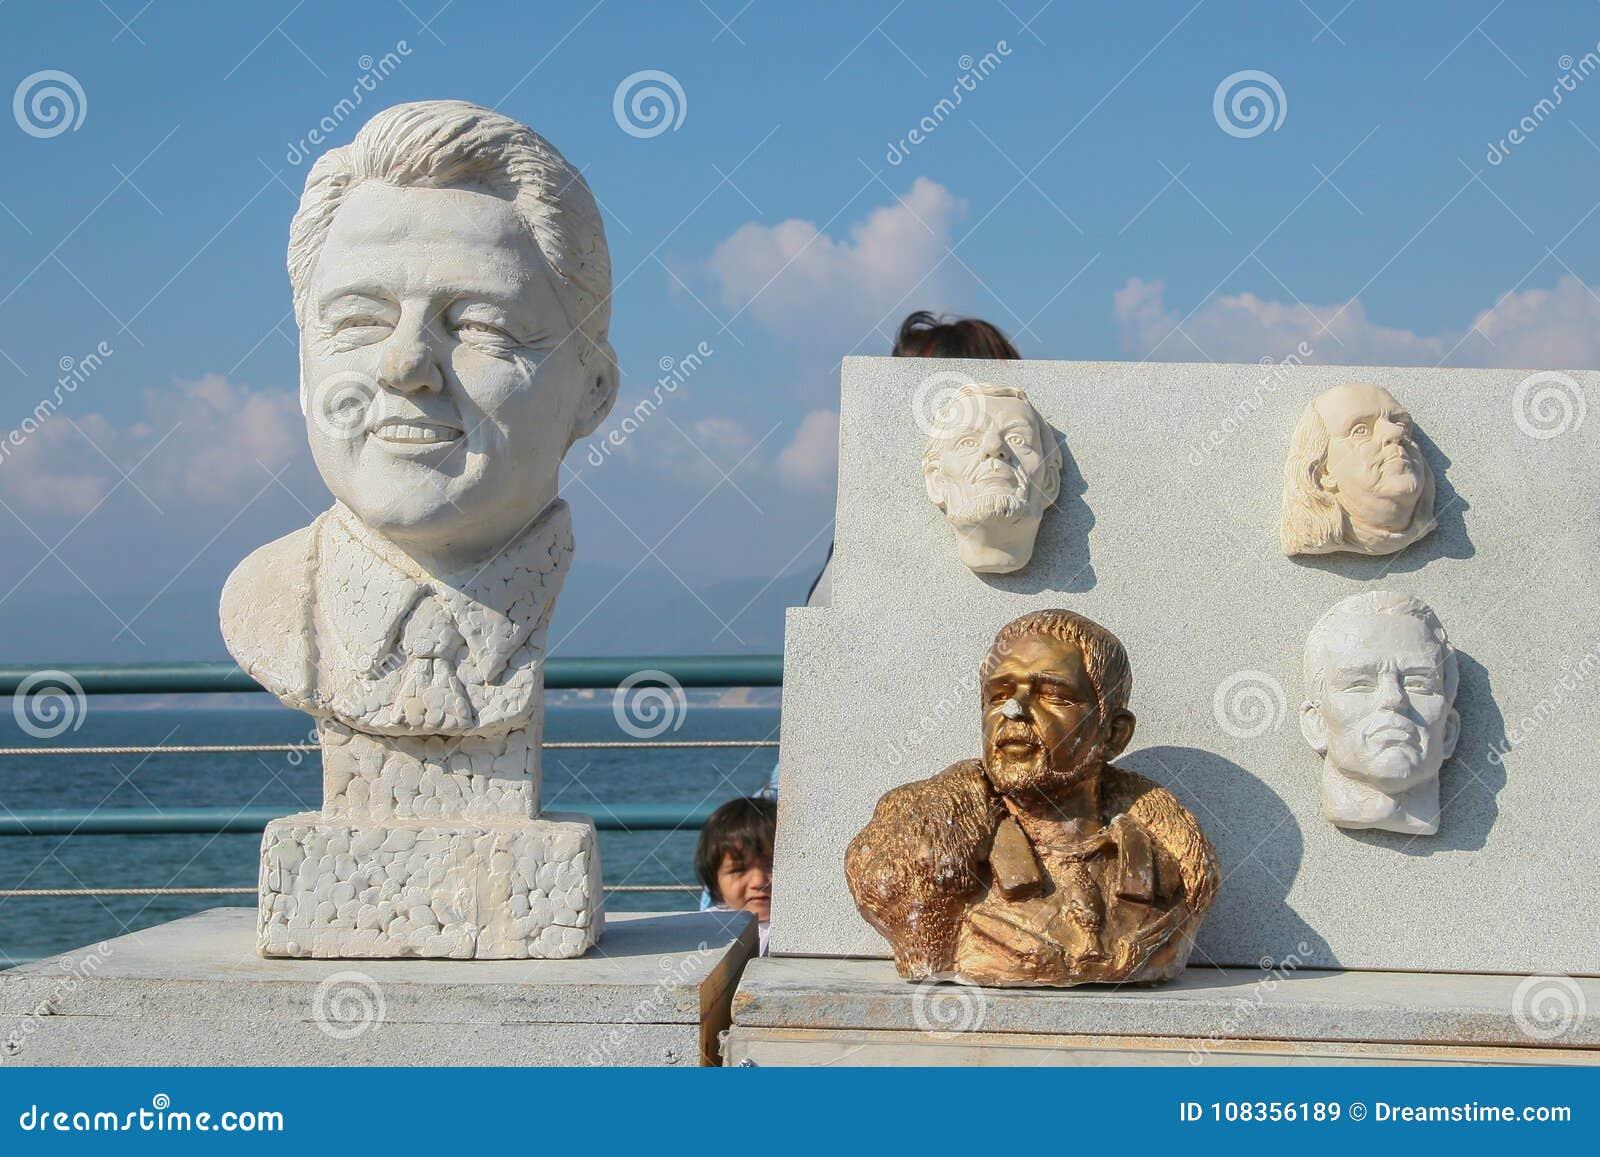 Caras en la arcilla de algunos personajes del mundo del entretenimiento